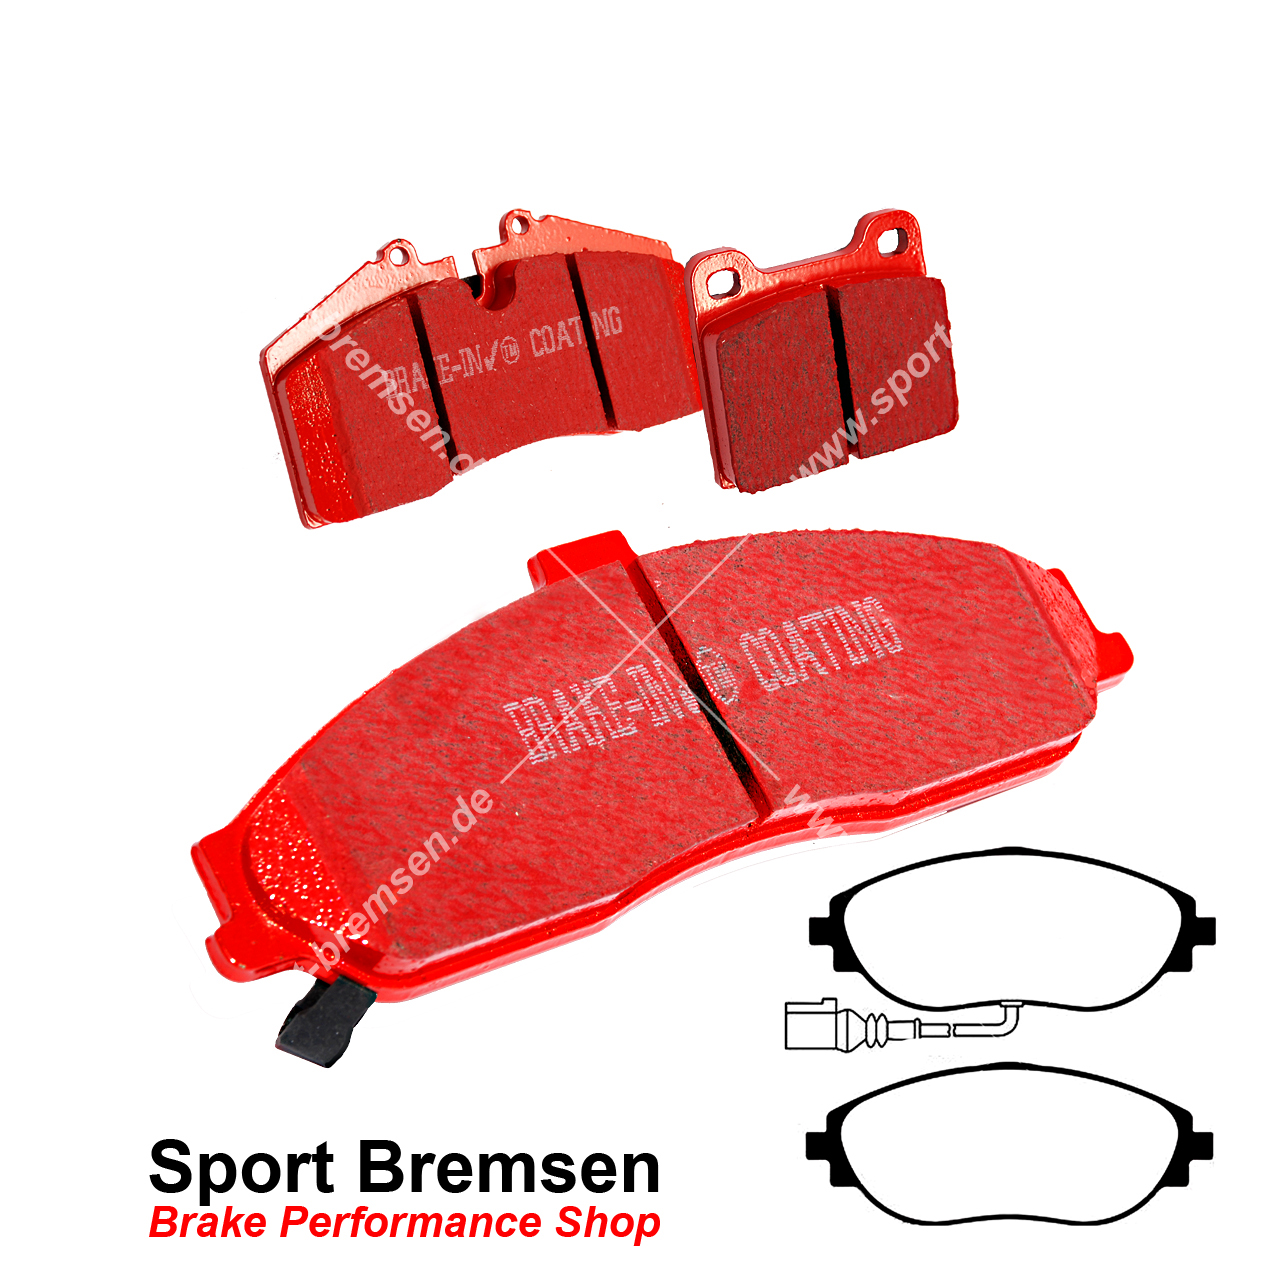 vw golf 7 gti 162 228kw sport bremsen performance shop. Black Bedroom Furniture Sets. Home Design Ideas